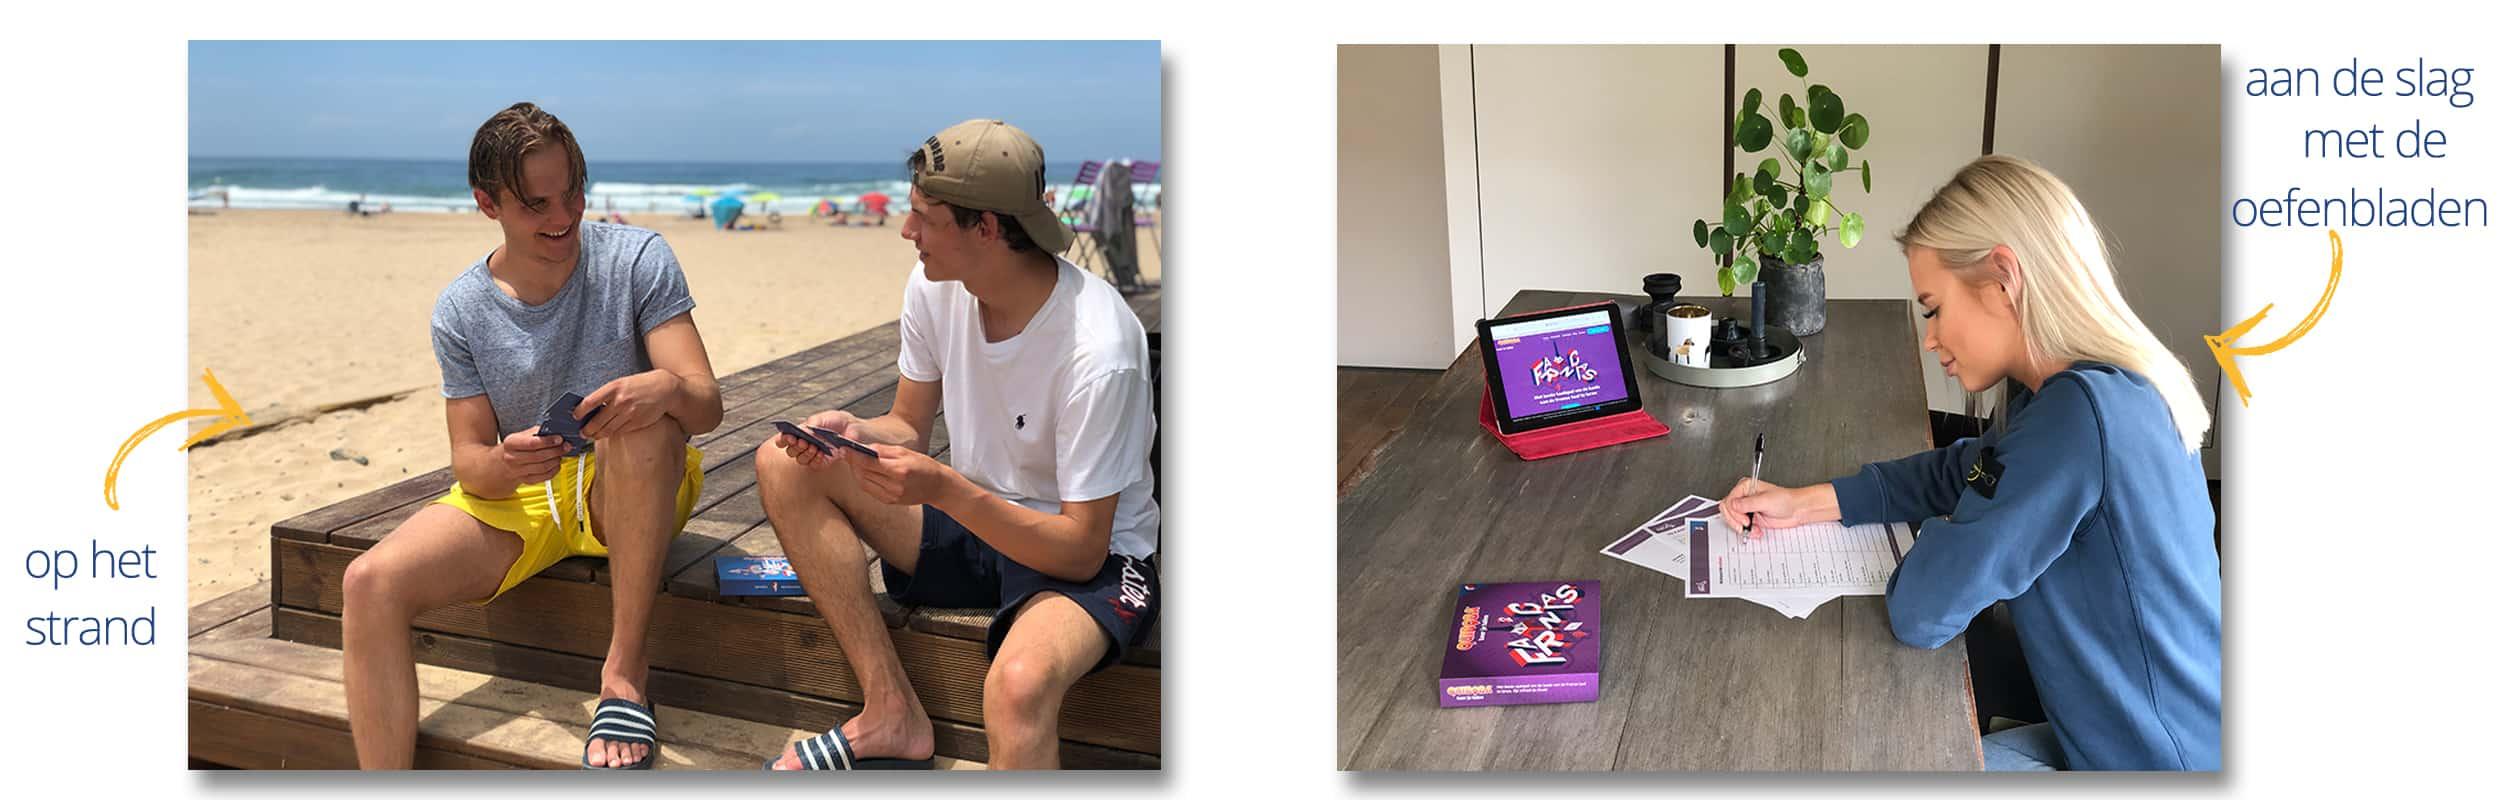 Tieners spelen het taalspel samen en alleen